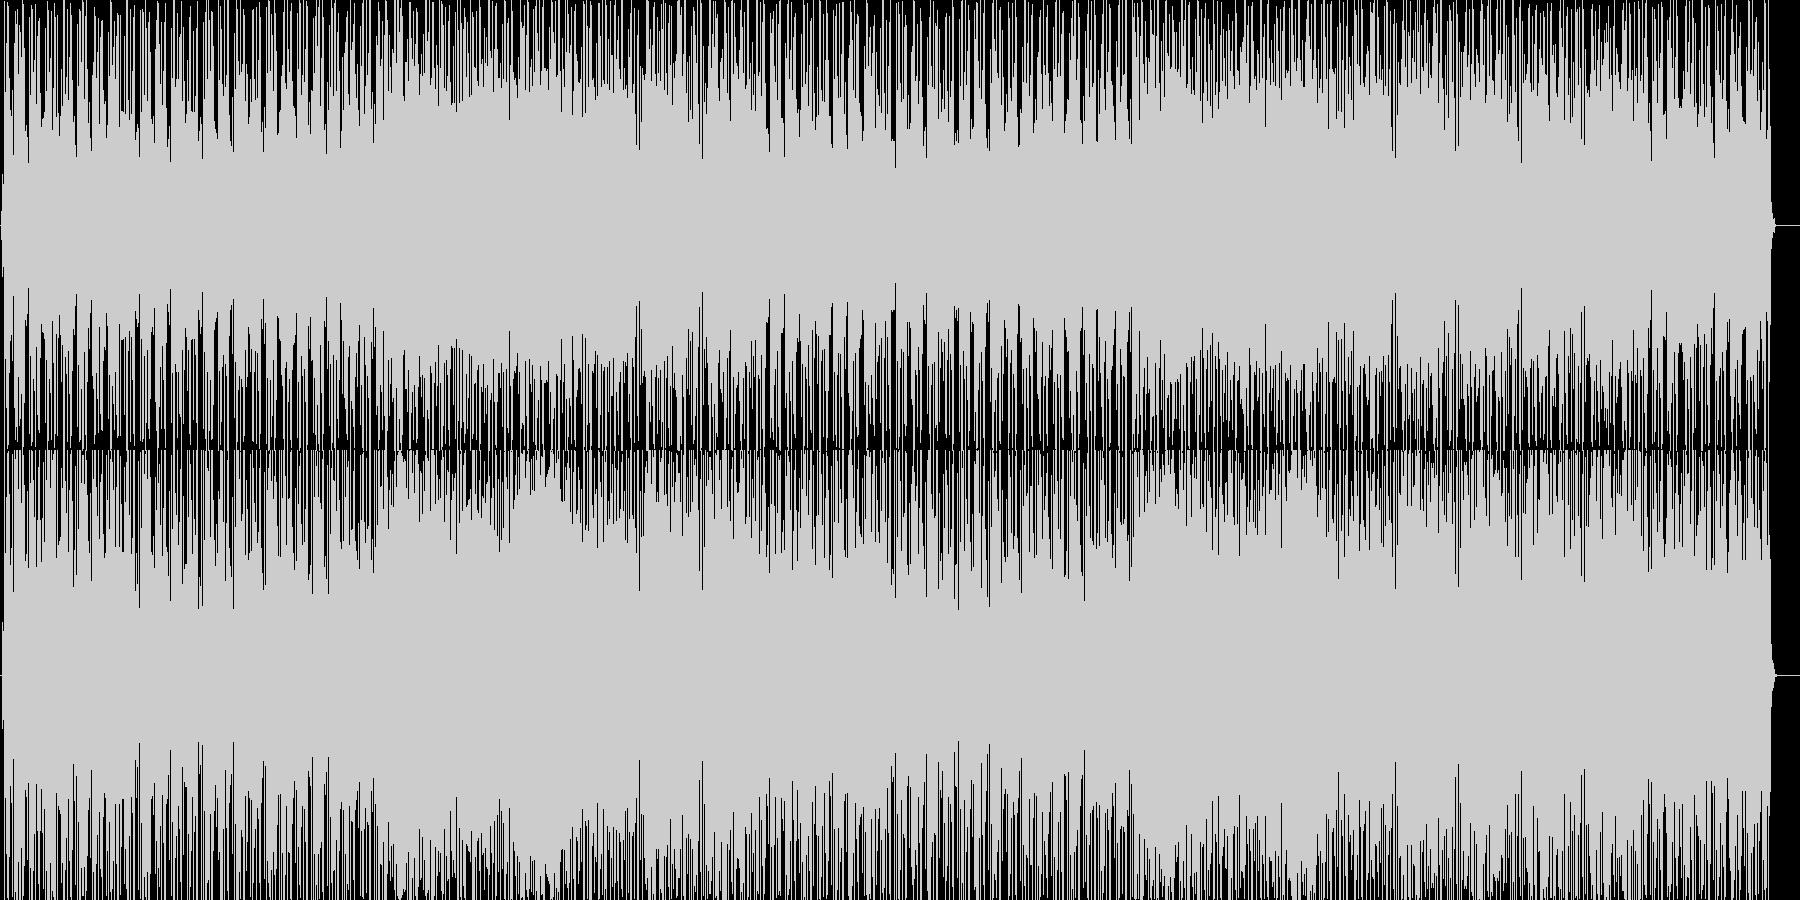 PV等の映像にぴったりの爽やかポップスの未再生の波形